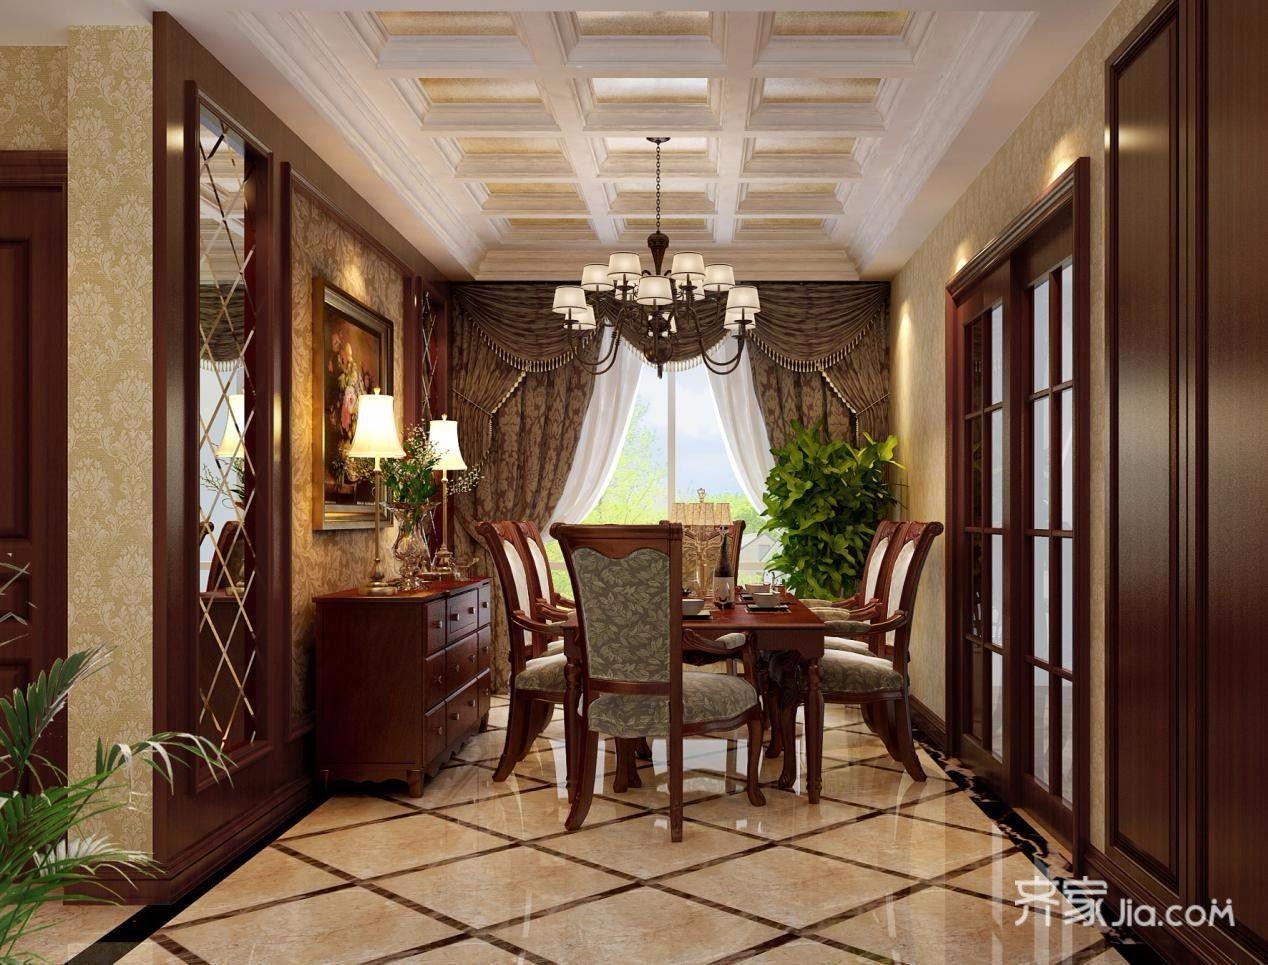 豪华美式风格三居餐厅装修效果图